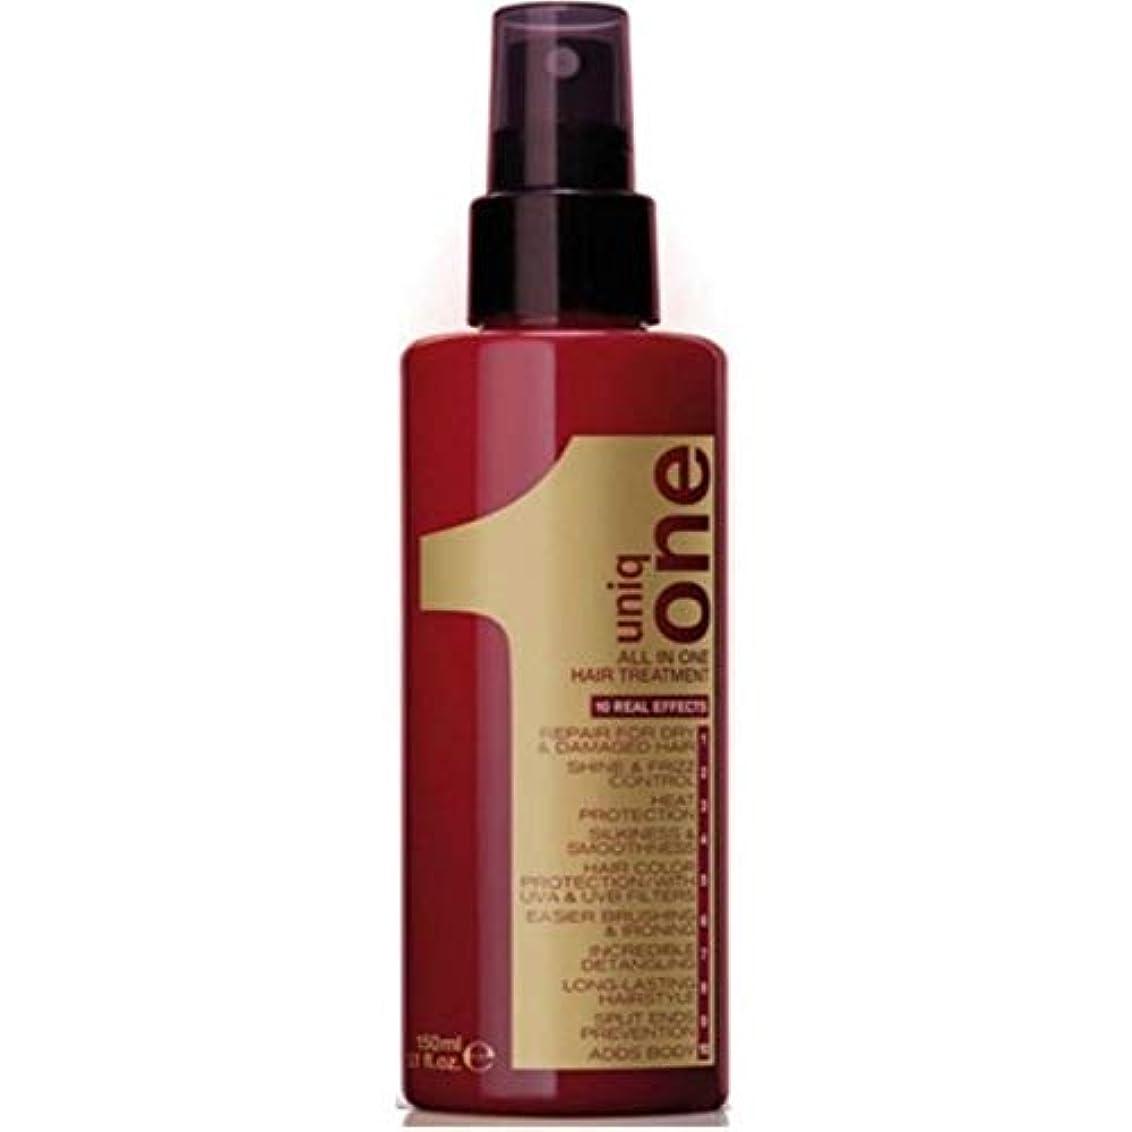 酔っ払い二層剥ぎ取るUniq One Revlon All In One Hair Treatment 5.1Oz. - New Original by Uniq One by Uniq One